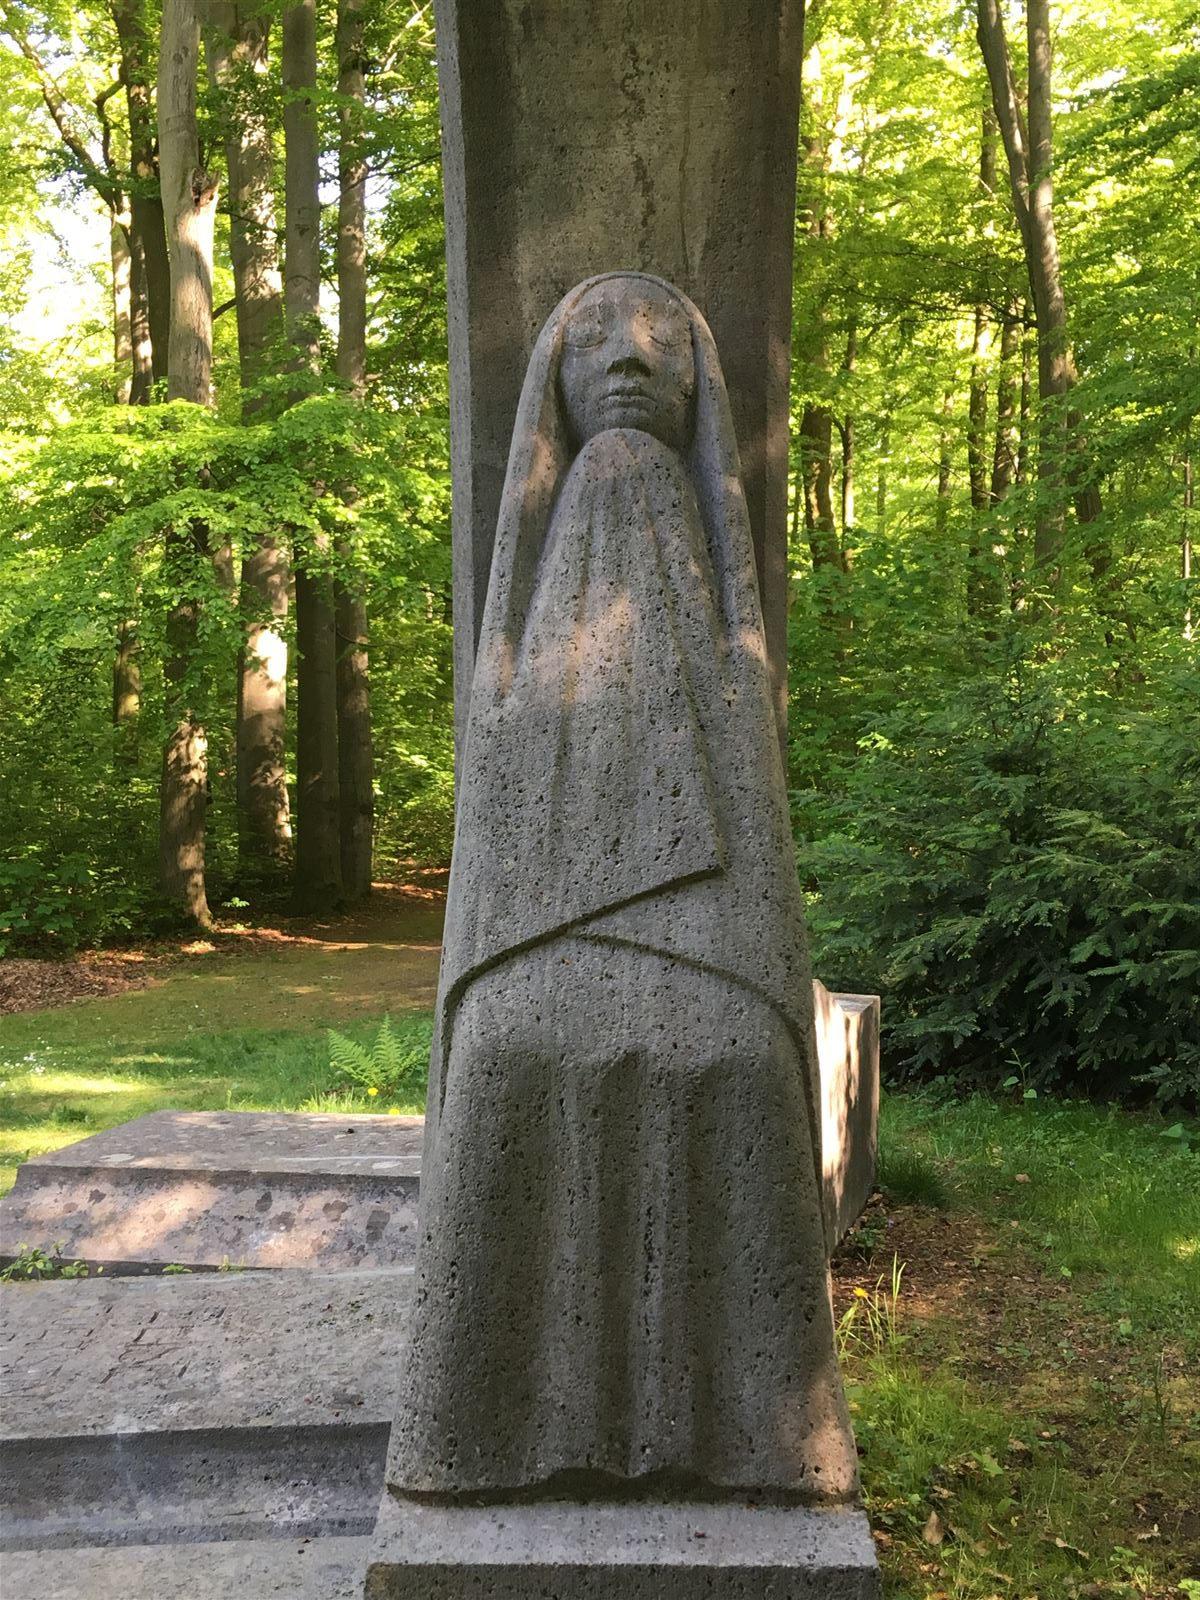 Ausflug: Landschaftspark Ebersdorf - Thüringen - nahe der Bleilochtalsperre - Ernst Barlach - Die Trauernden - Grabmal